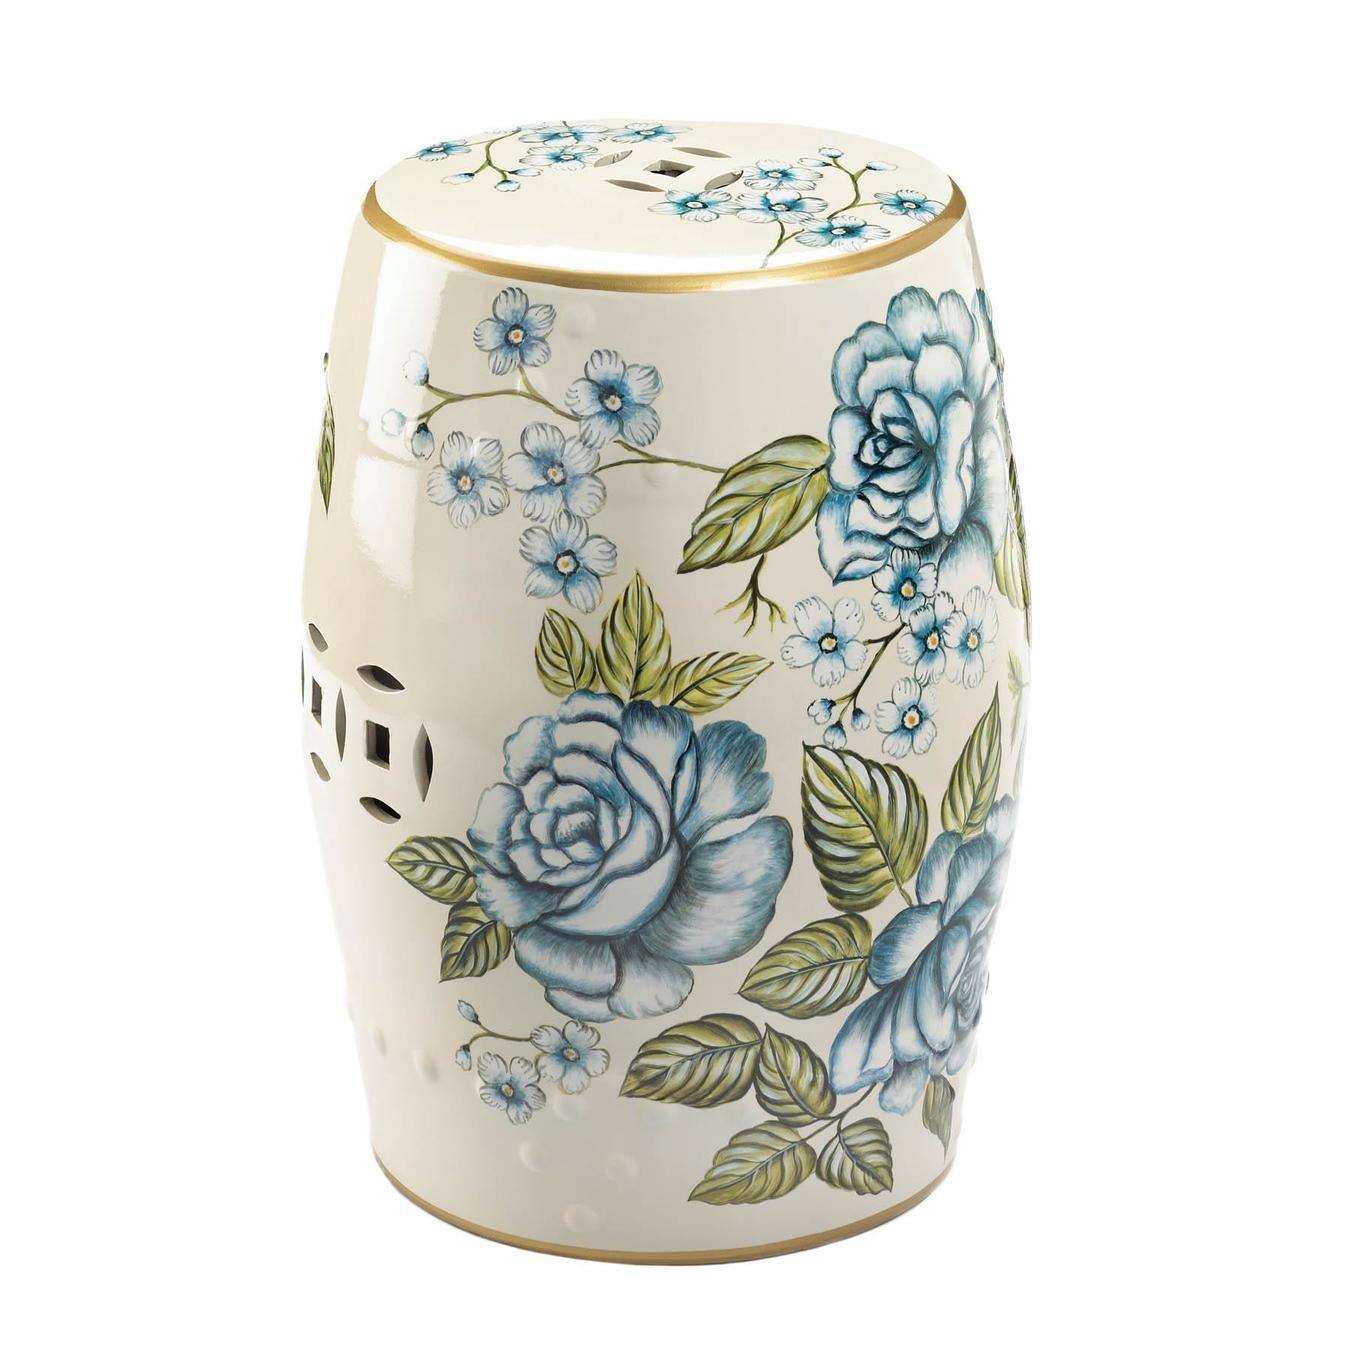 Ceramic Garden Stolls Regarding Tillia Ceramic Garden Stools (View 16 of 25)